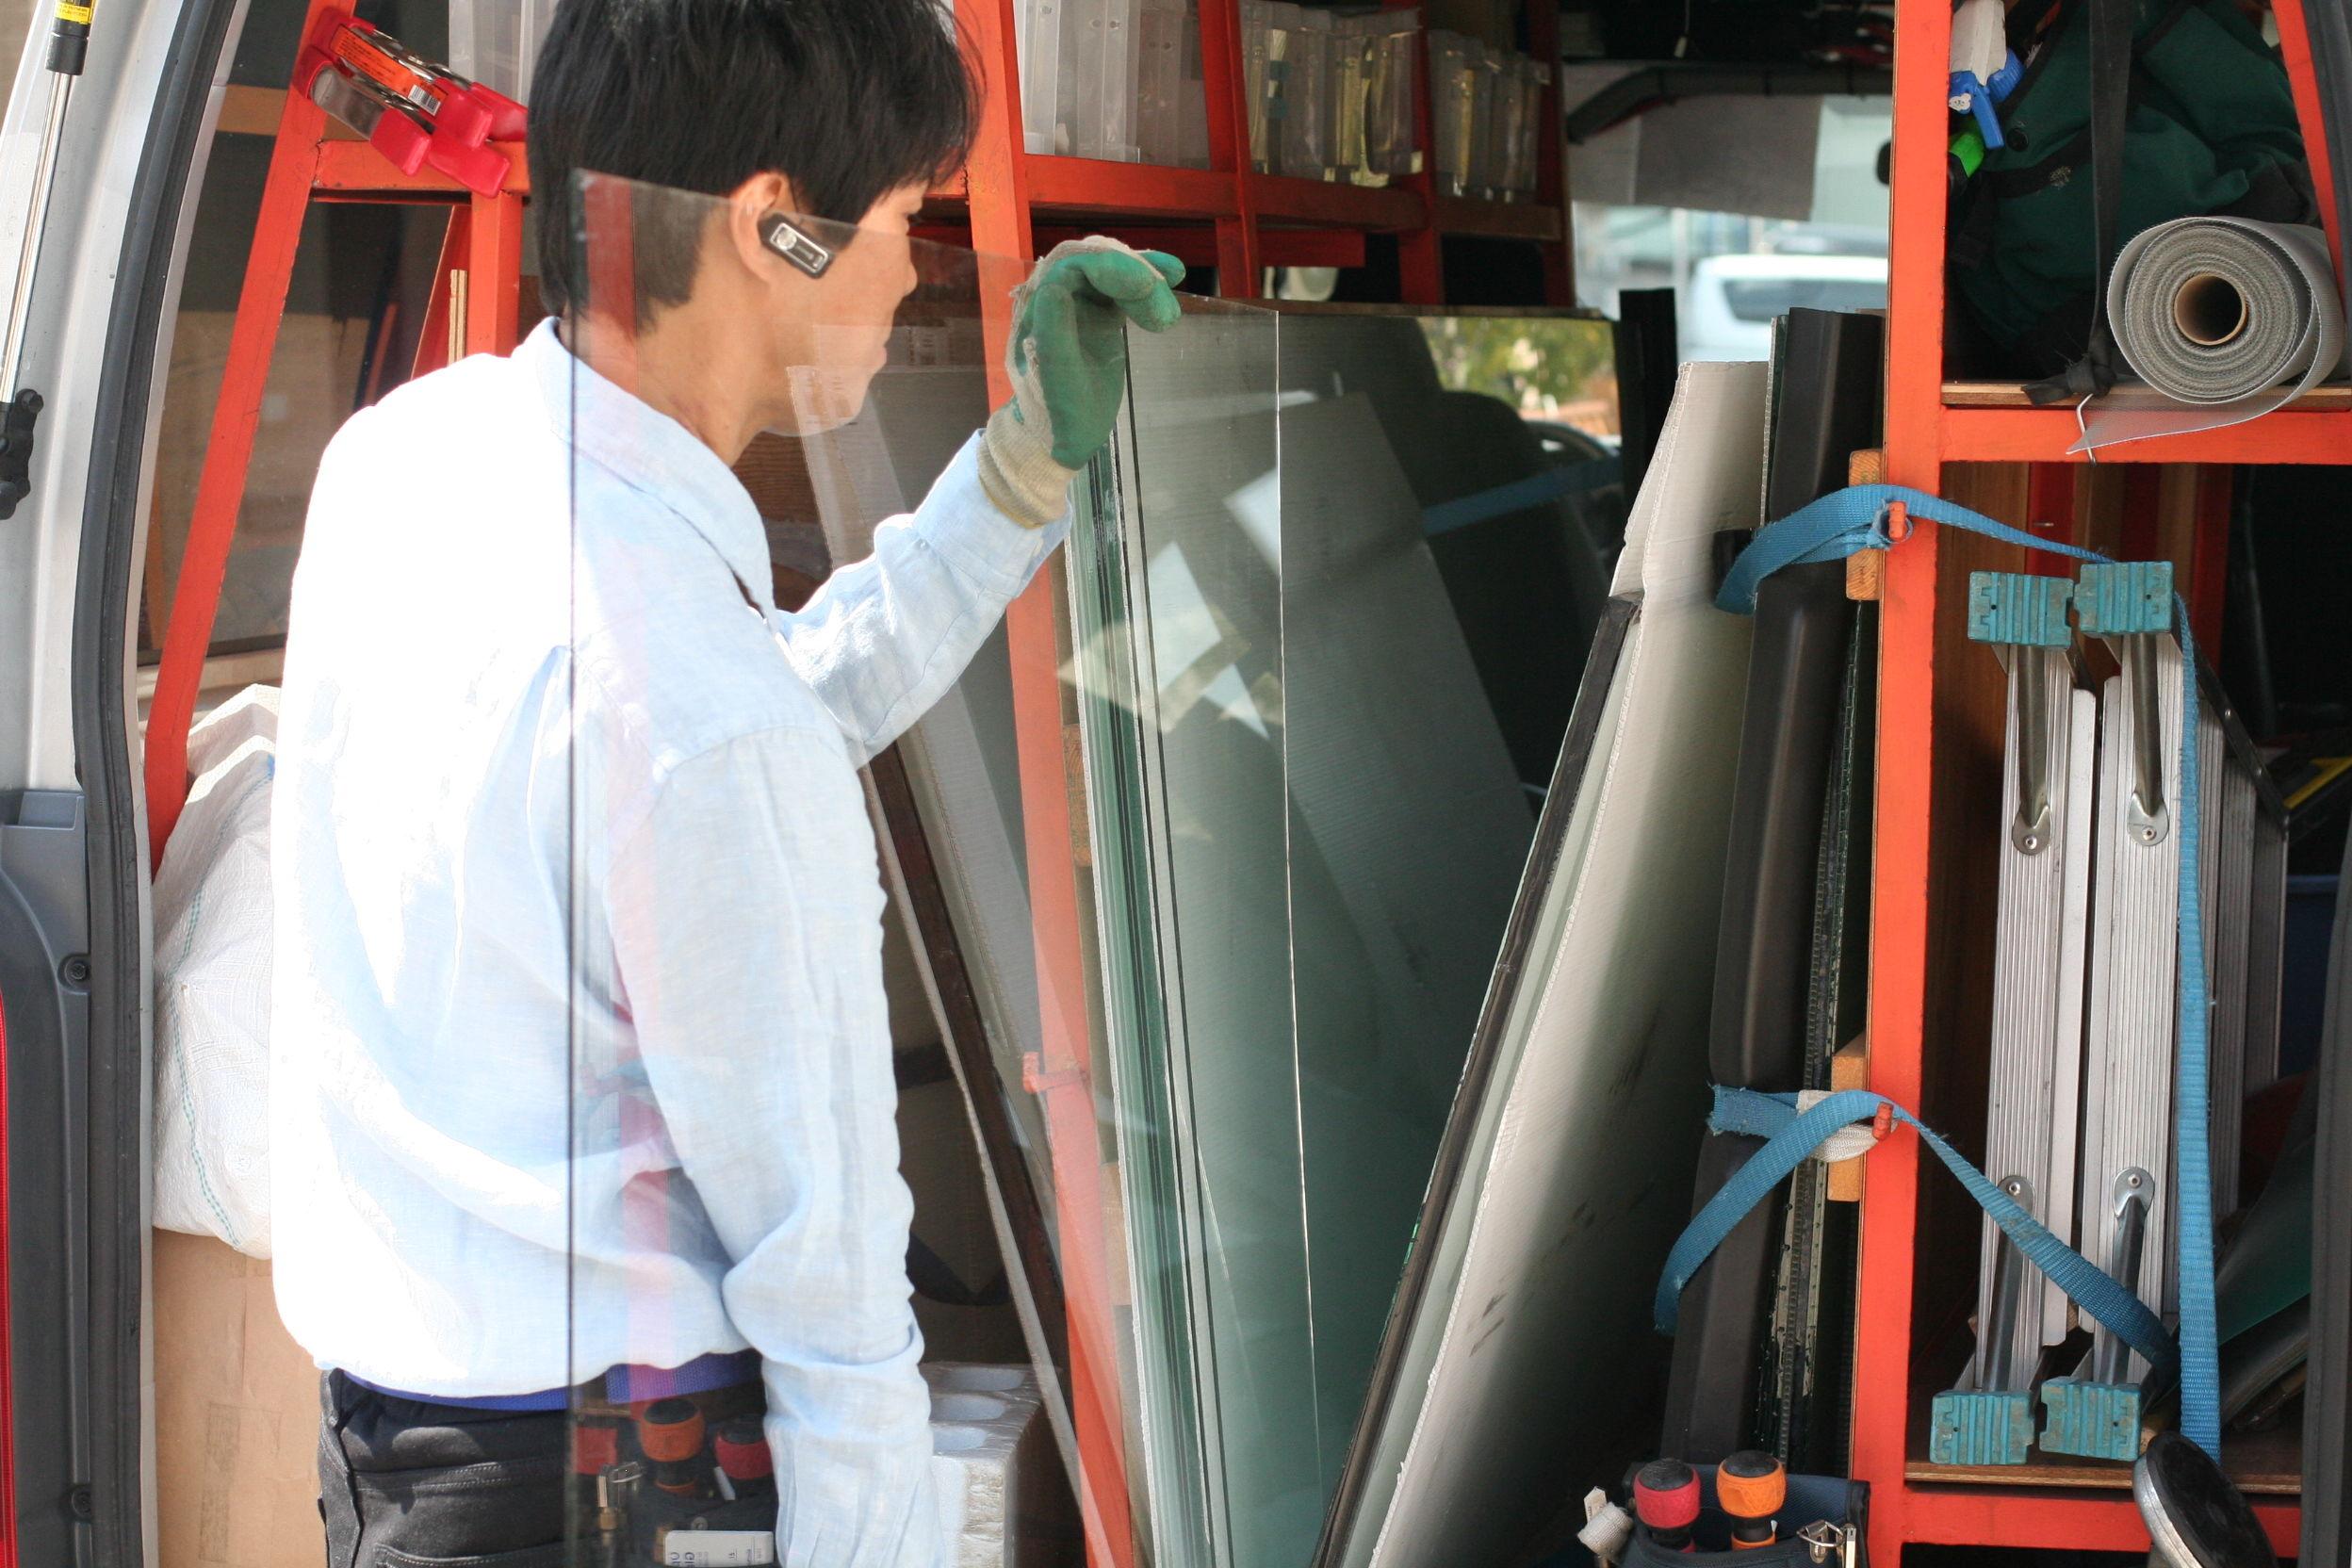 ガラスのトラブル救Q隊.24【横浜市磯子区 出張エリア】の店内・外観画像2